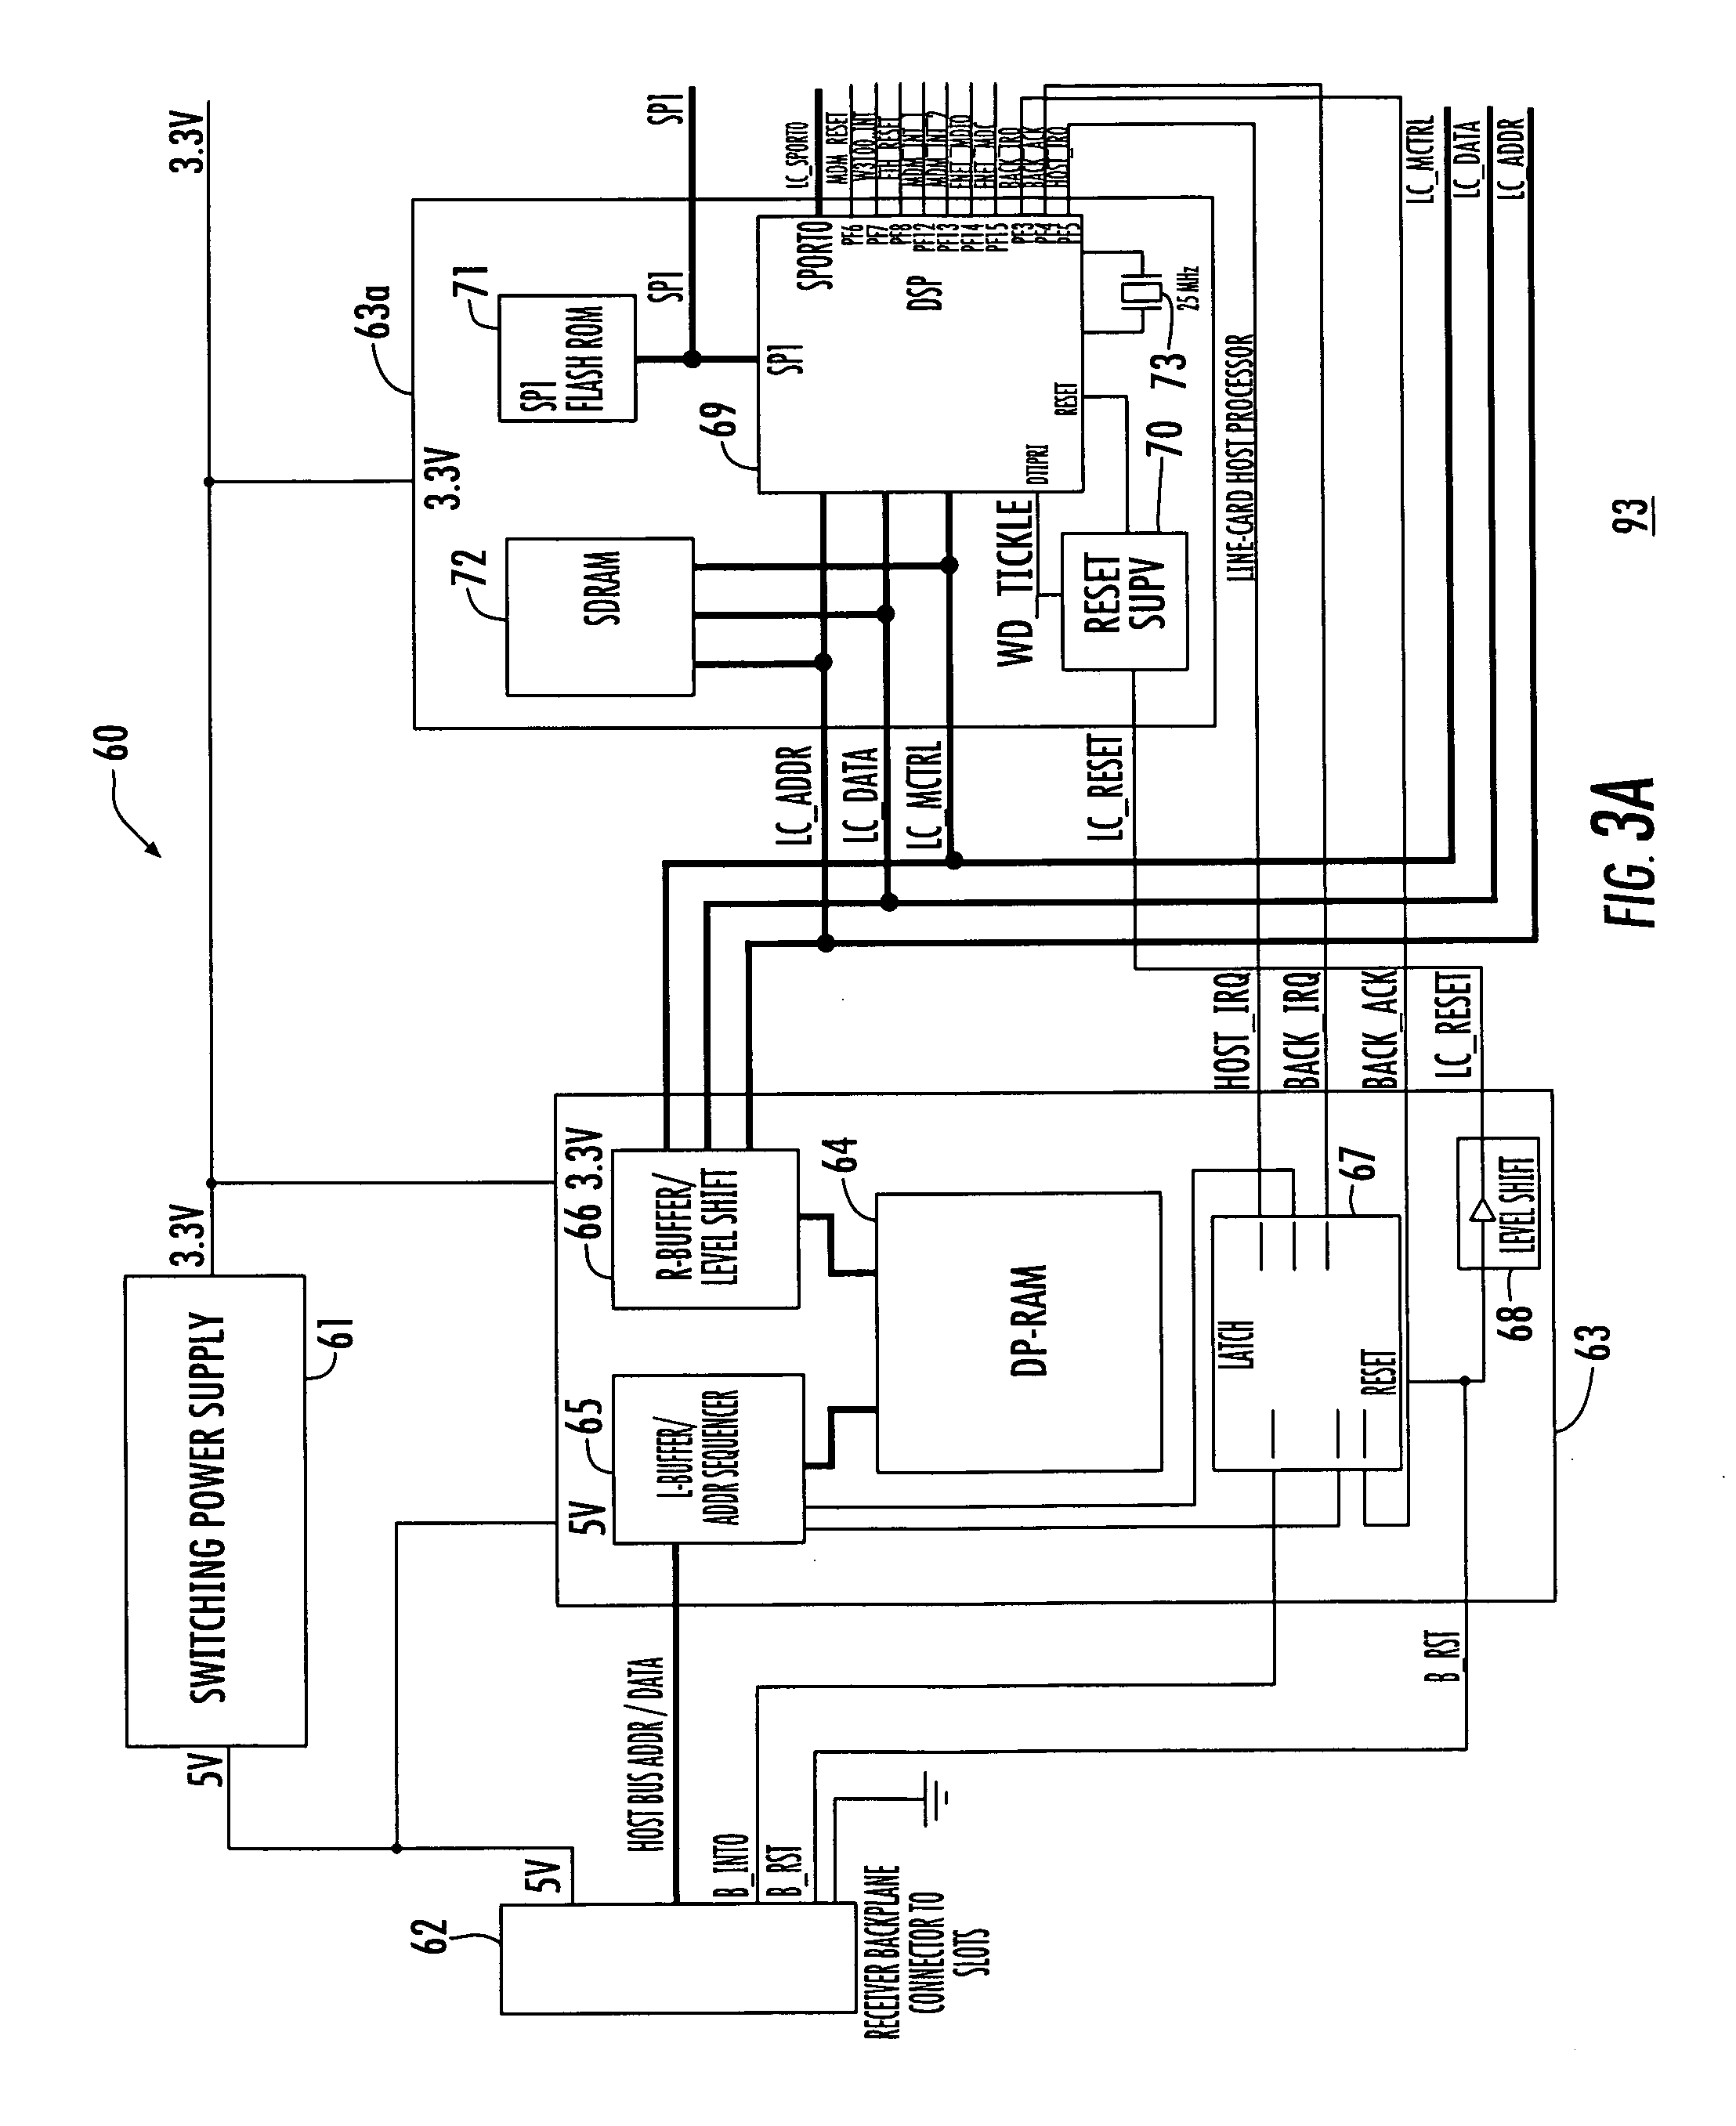 Duct Smoke Detector Wiring Diagram Popular Diagram 2018